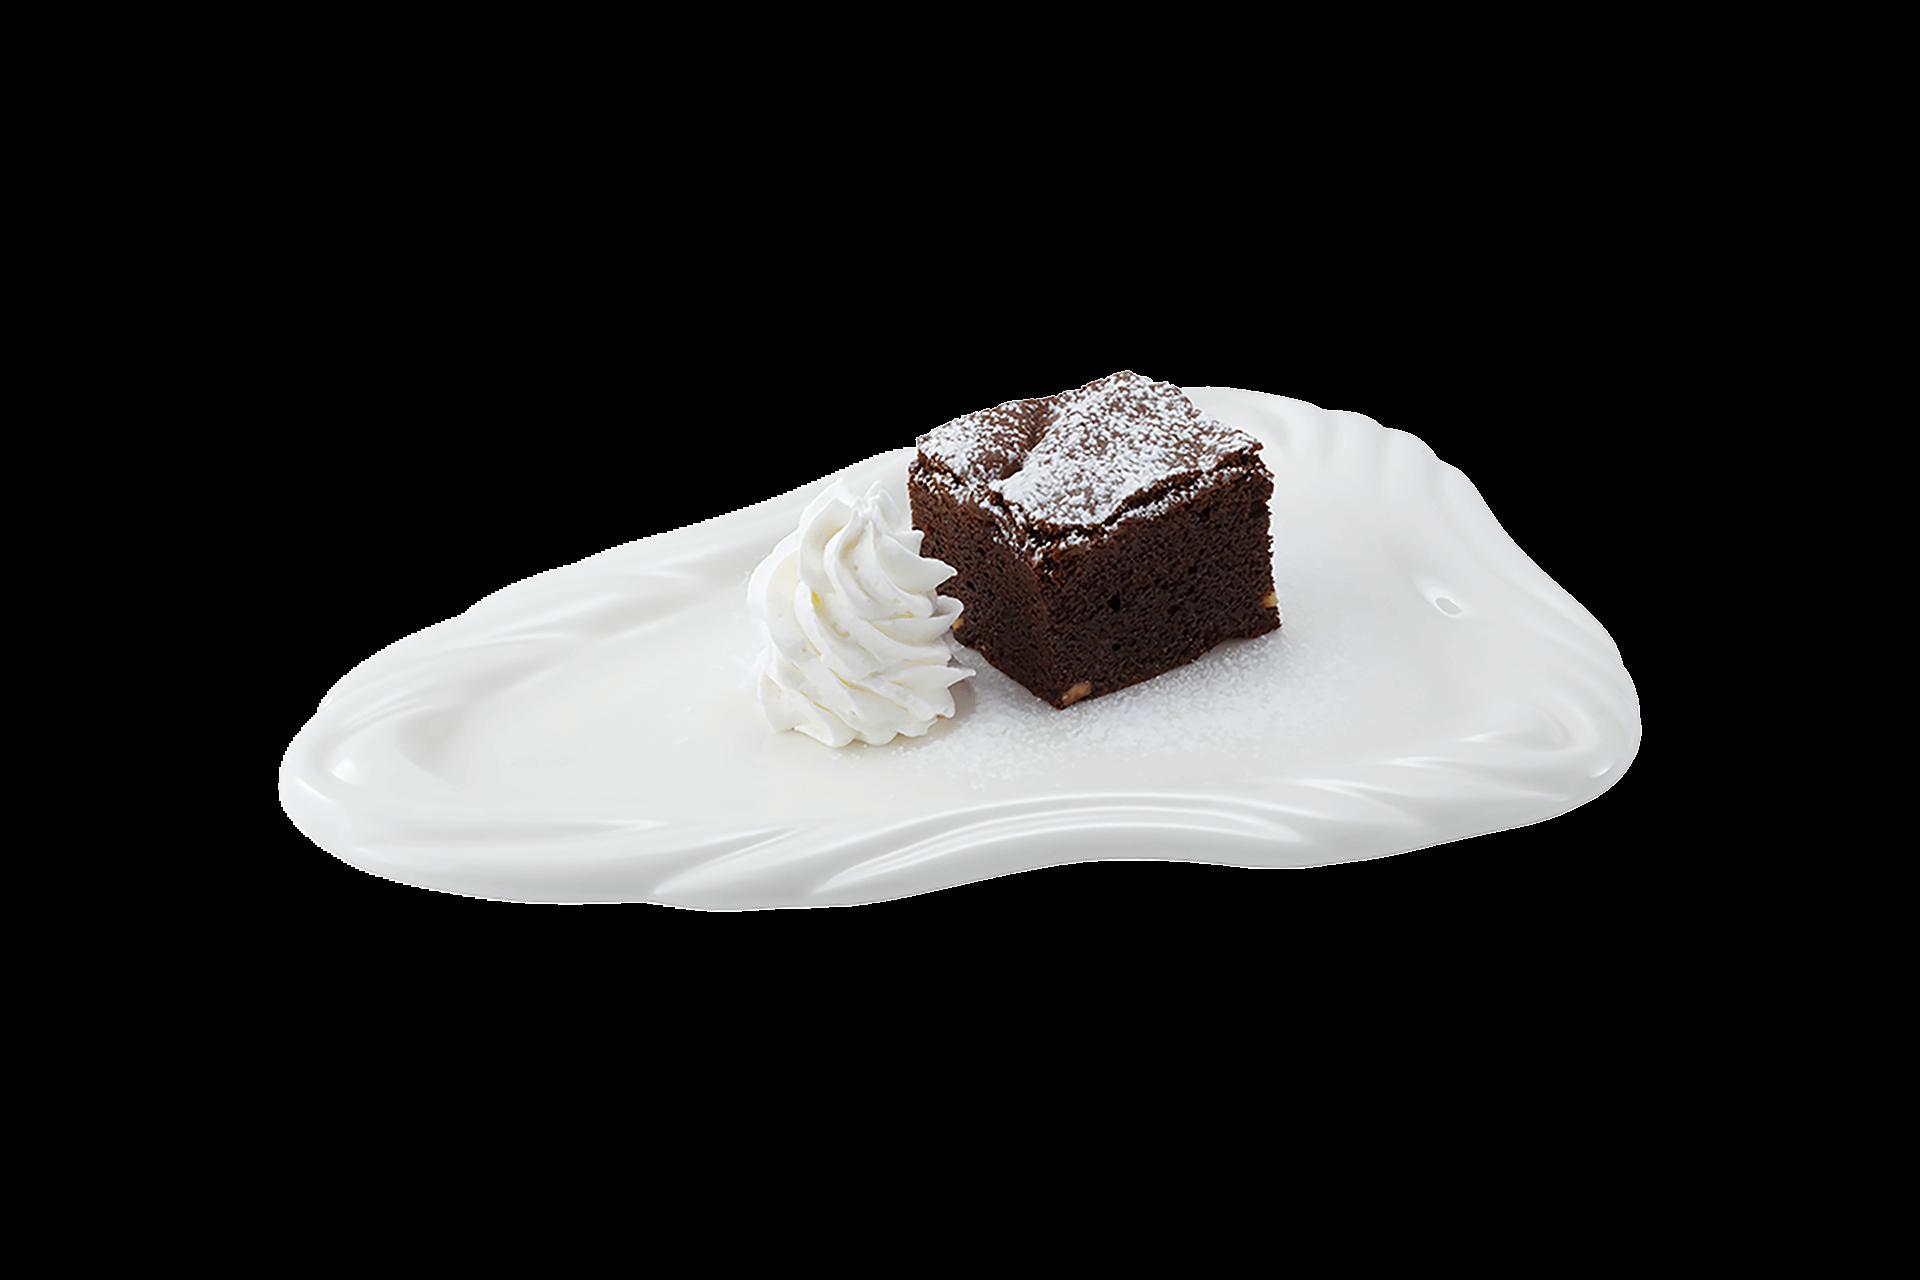 びっくりドンキーの『しっとりクラシックチョコケーキ』